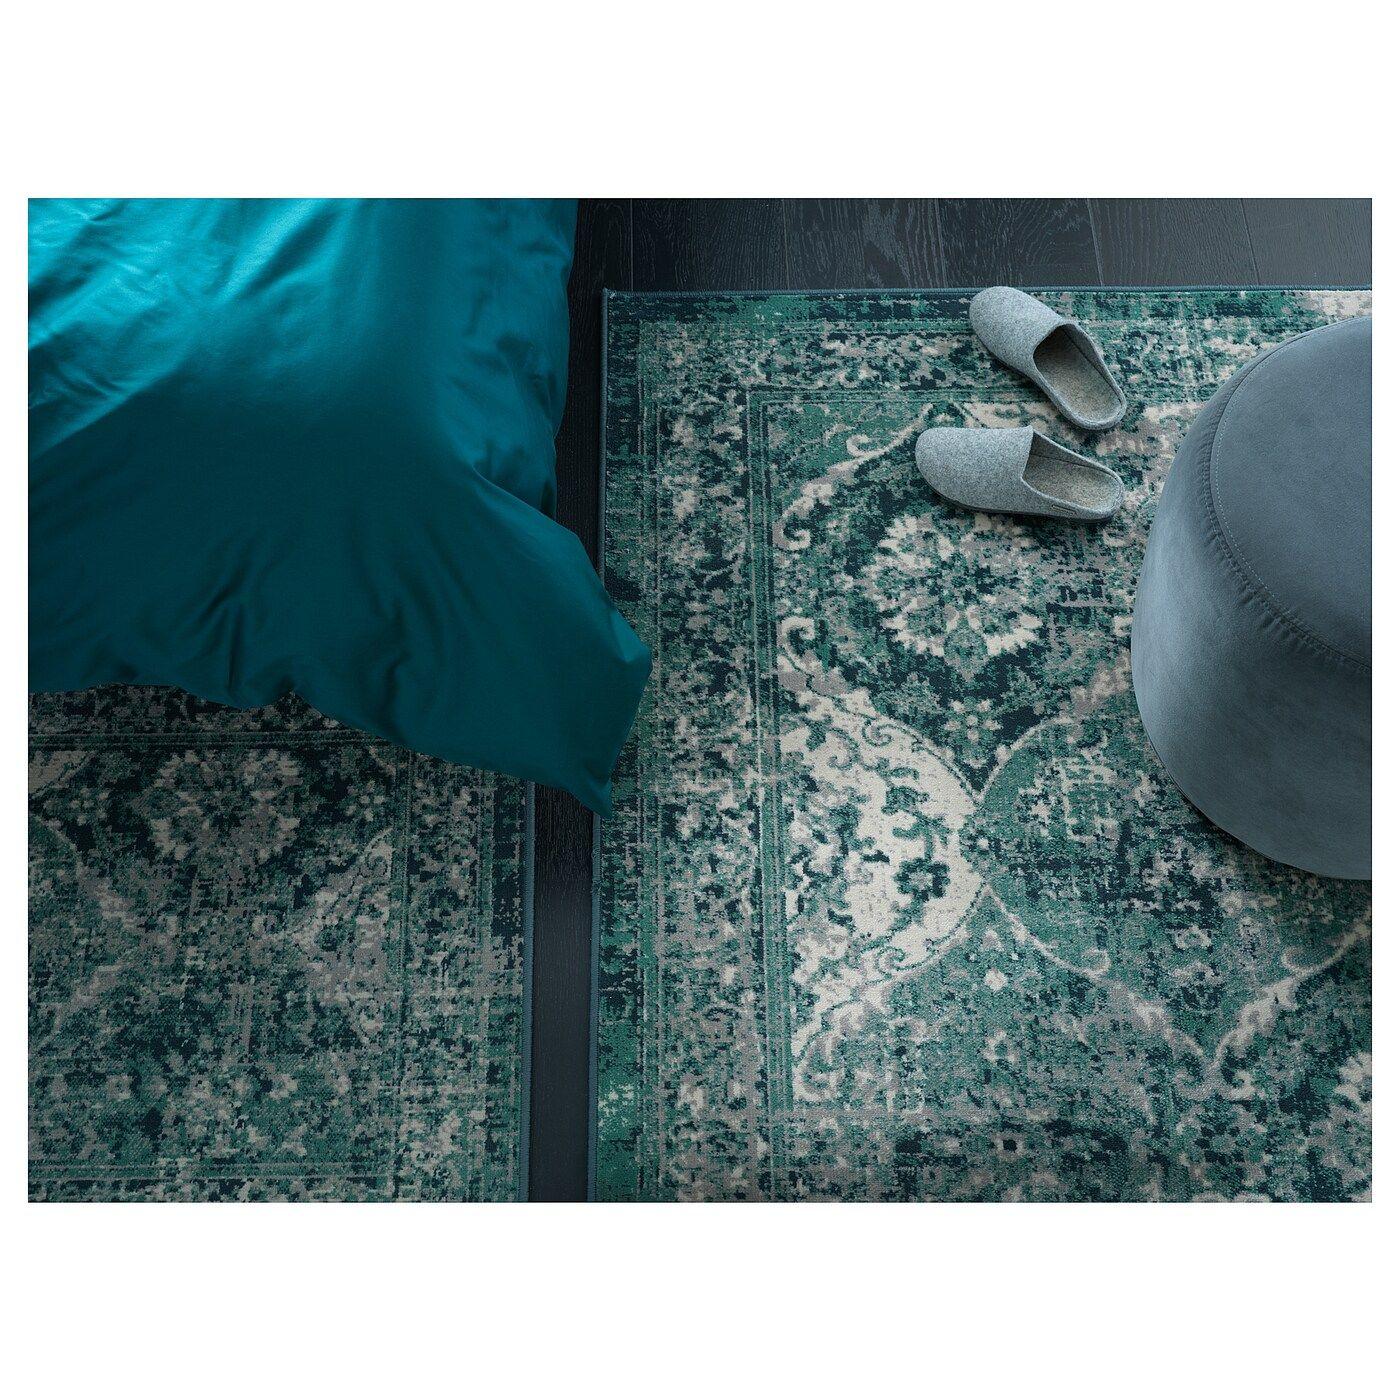 VonsbÄk Vloerkleed Laagpolig Groen Koop Online Of In De Winkel Ikea Vloerkleed Vloerkleed Laagpolig Oosterse Tapijten